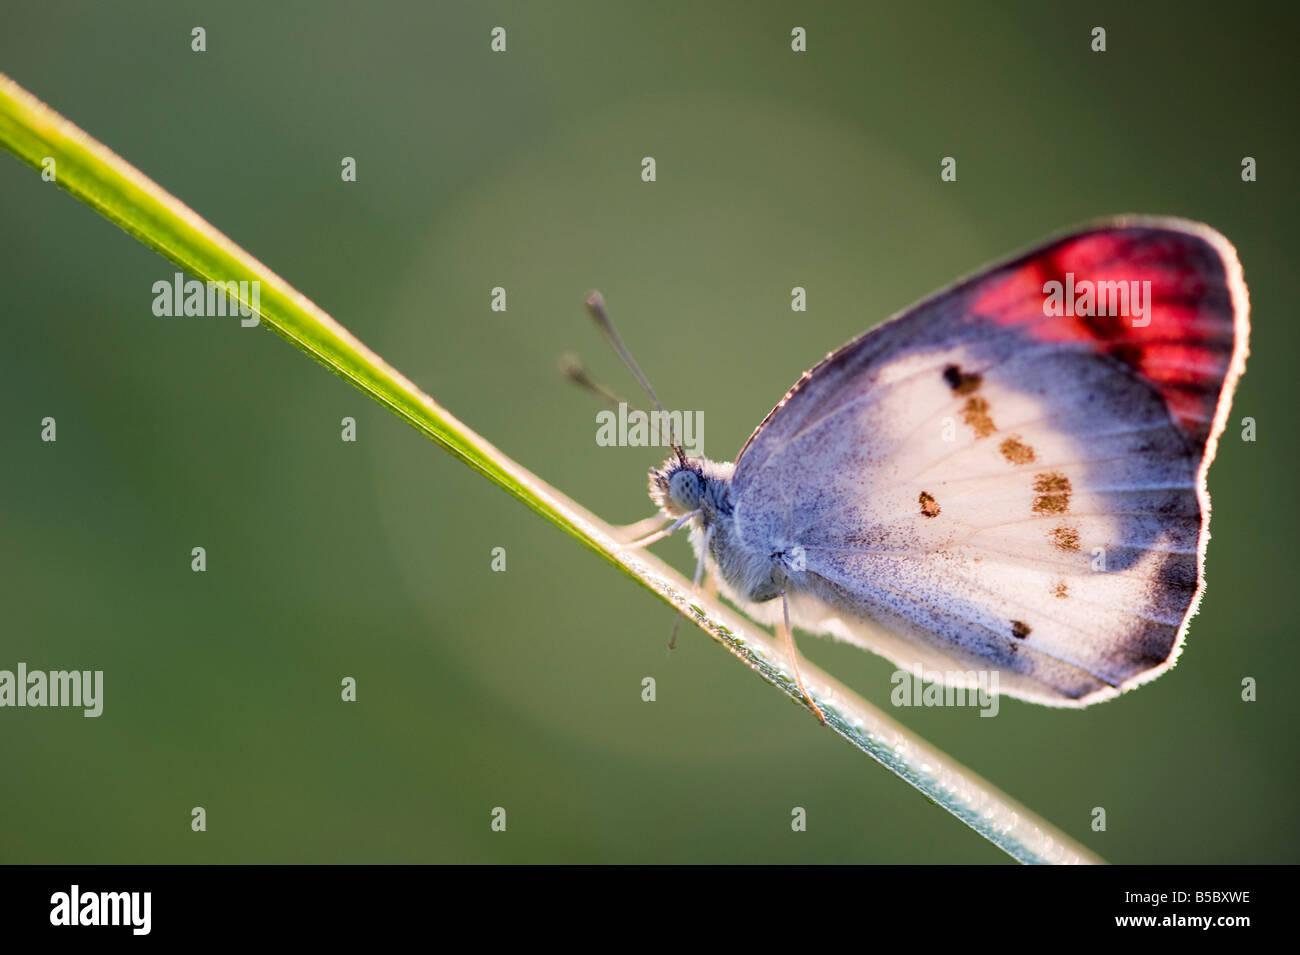 Danae Colotis. Punta Crimson Butterfly calentando en un tallo de hierba en el campo indio. La India Imagen De Stock